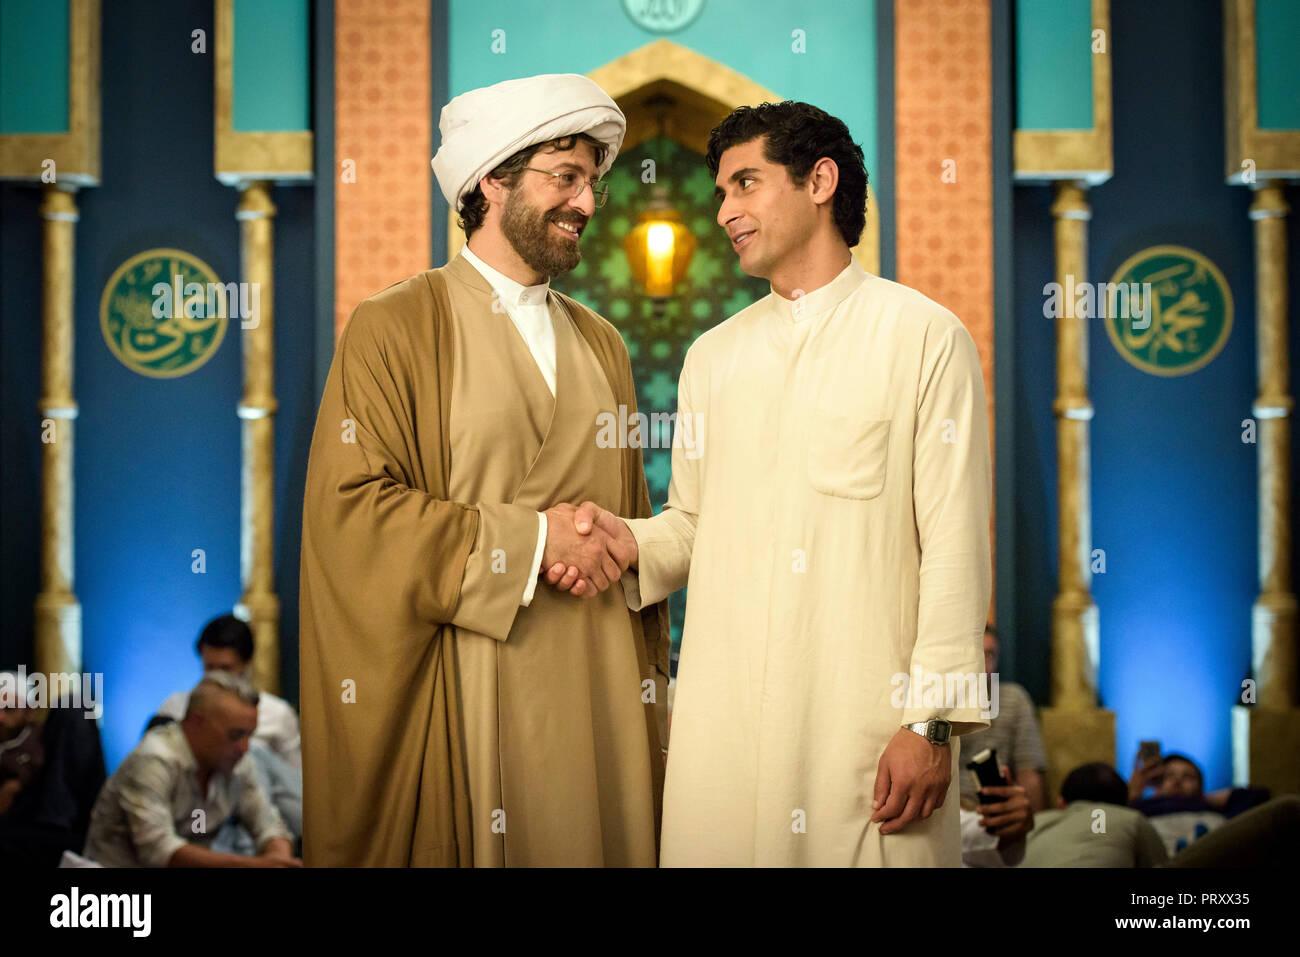 Ali S Wedding.Prod Db C Ben Timony Netflix Matchbox Pictures Dr Le Mariage D